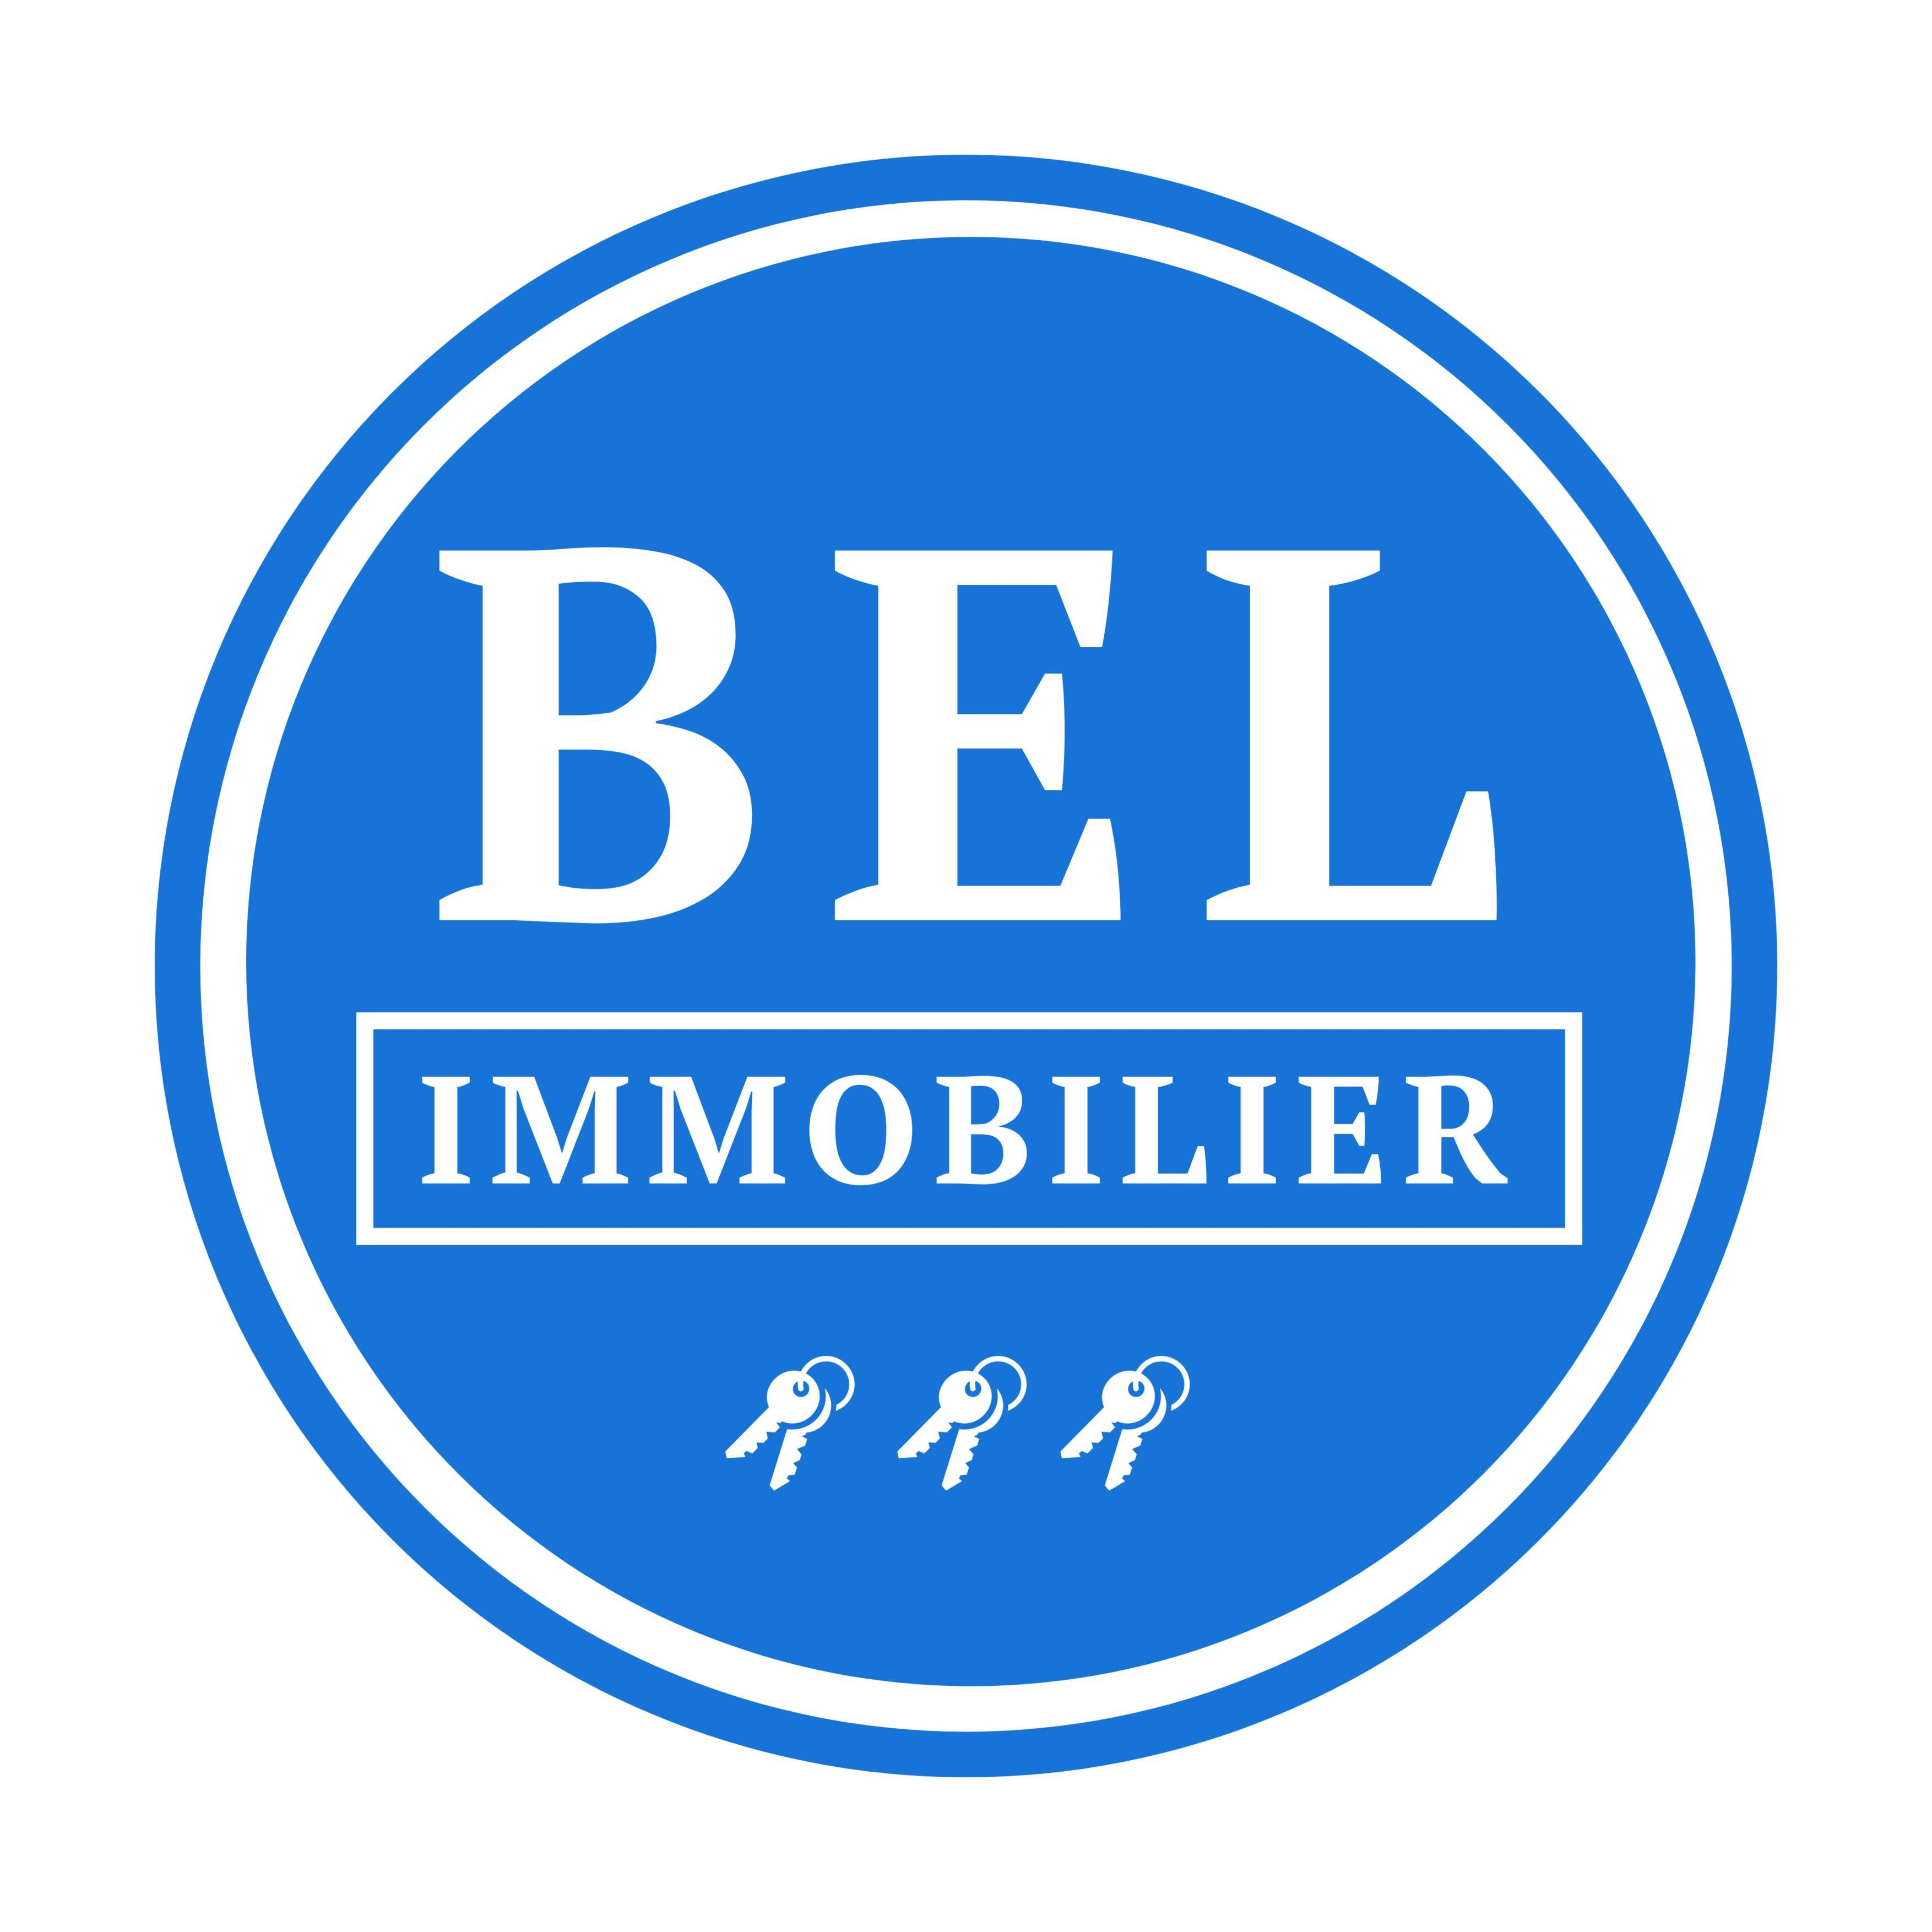 Bel Immobilier agence immobilière à Saint-Symphorien-sur-Coise 69590